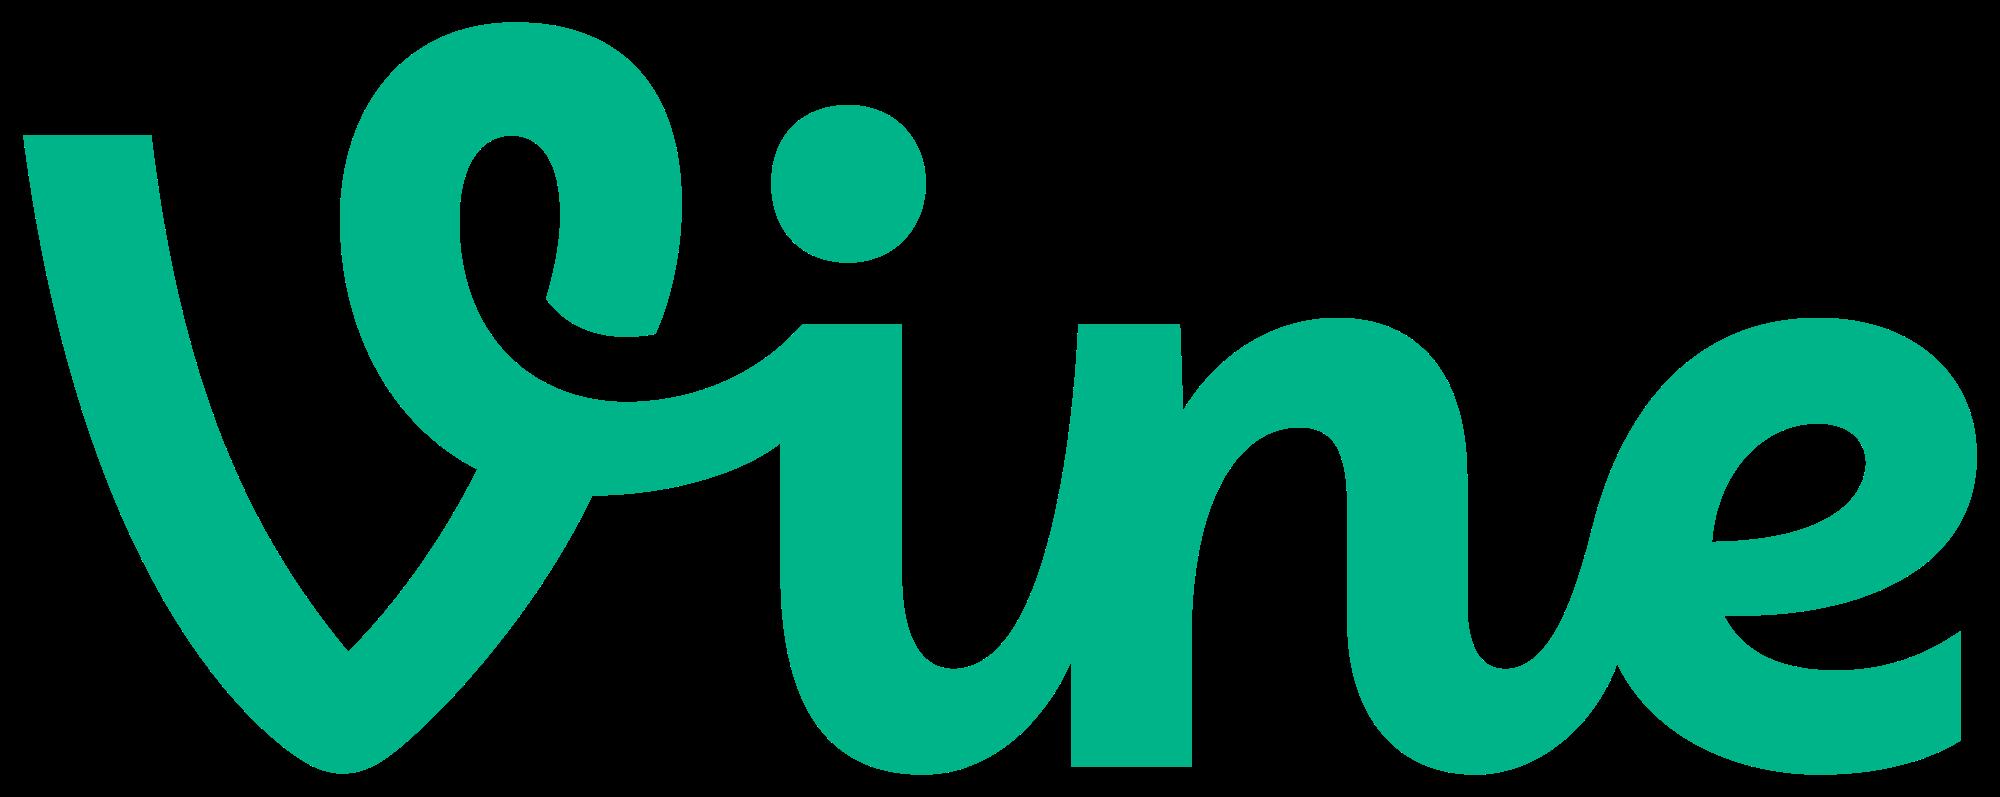 Vine Logo Transparent Png Stickpng